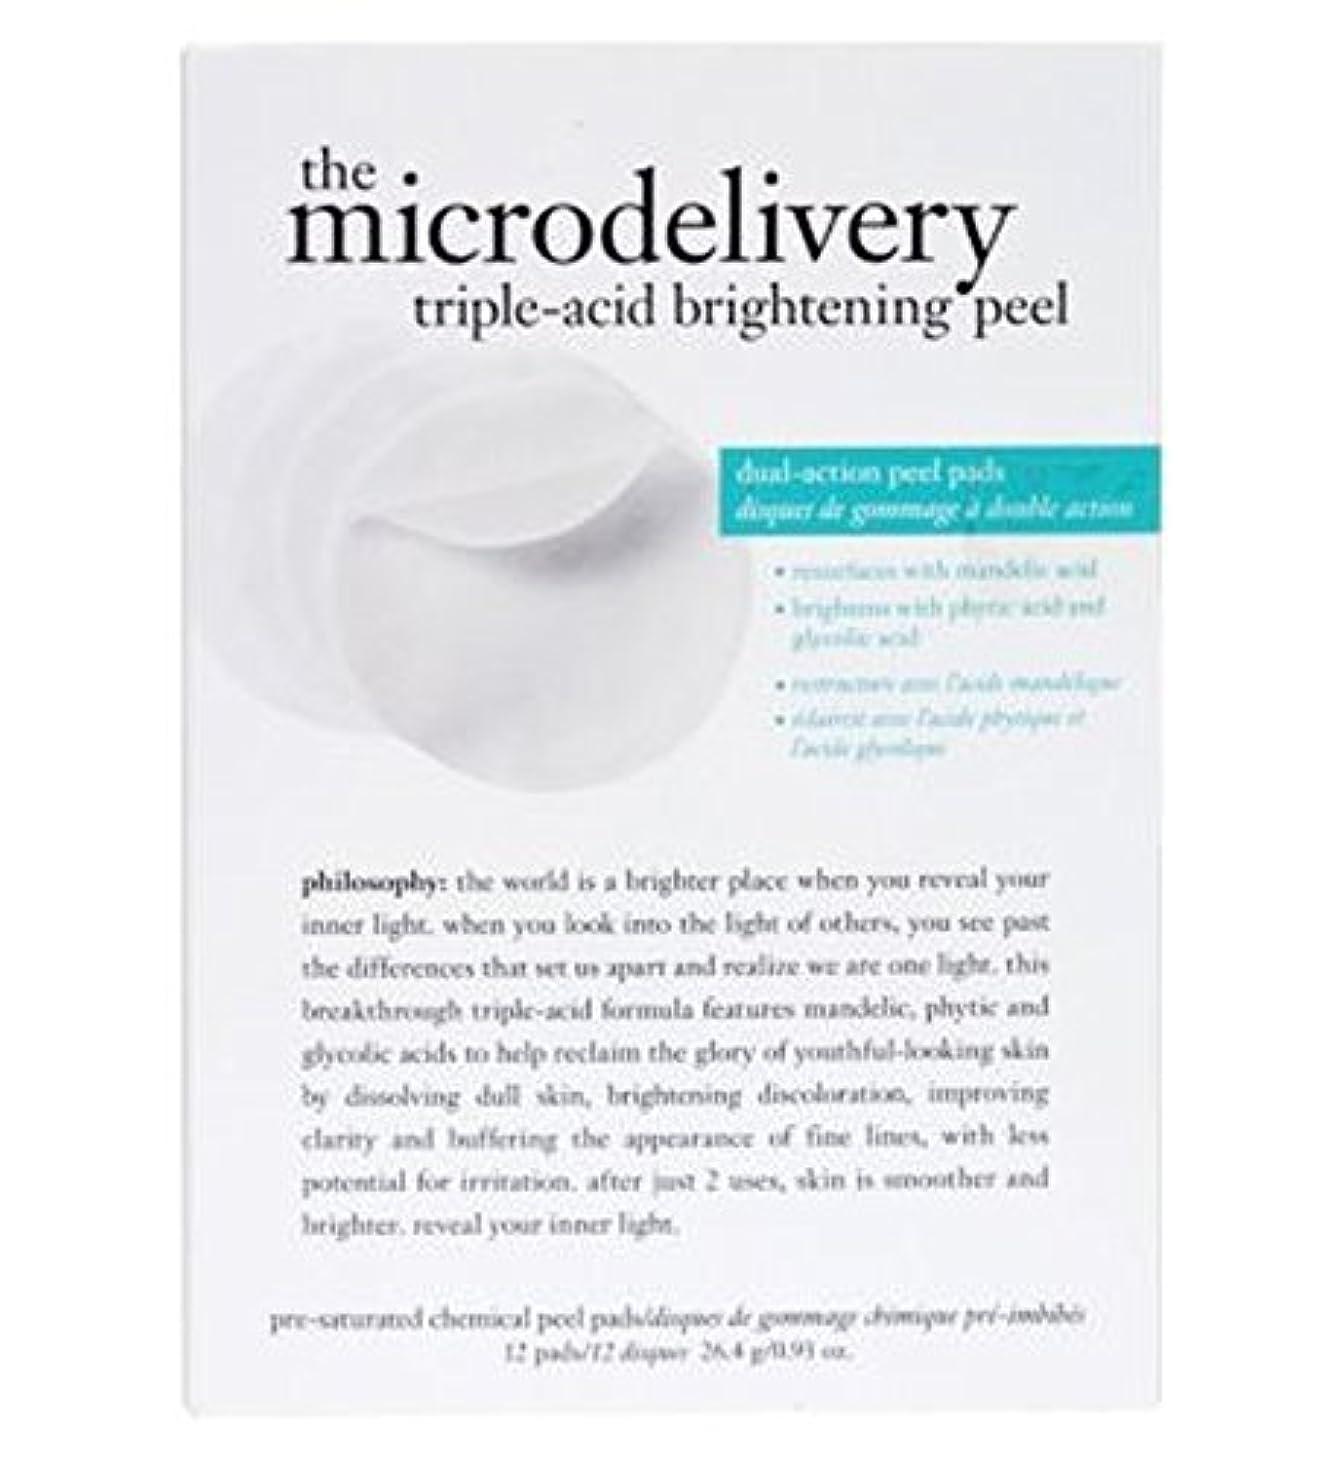 ボンドベテラン可能philosophy the microdelivery triple-acid brightening peel - 哲学ミクロ送達トリプル酸増白皮 (Philosophy) [並行輸入品]